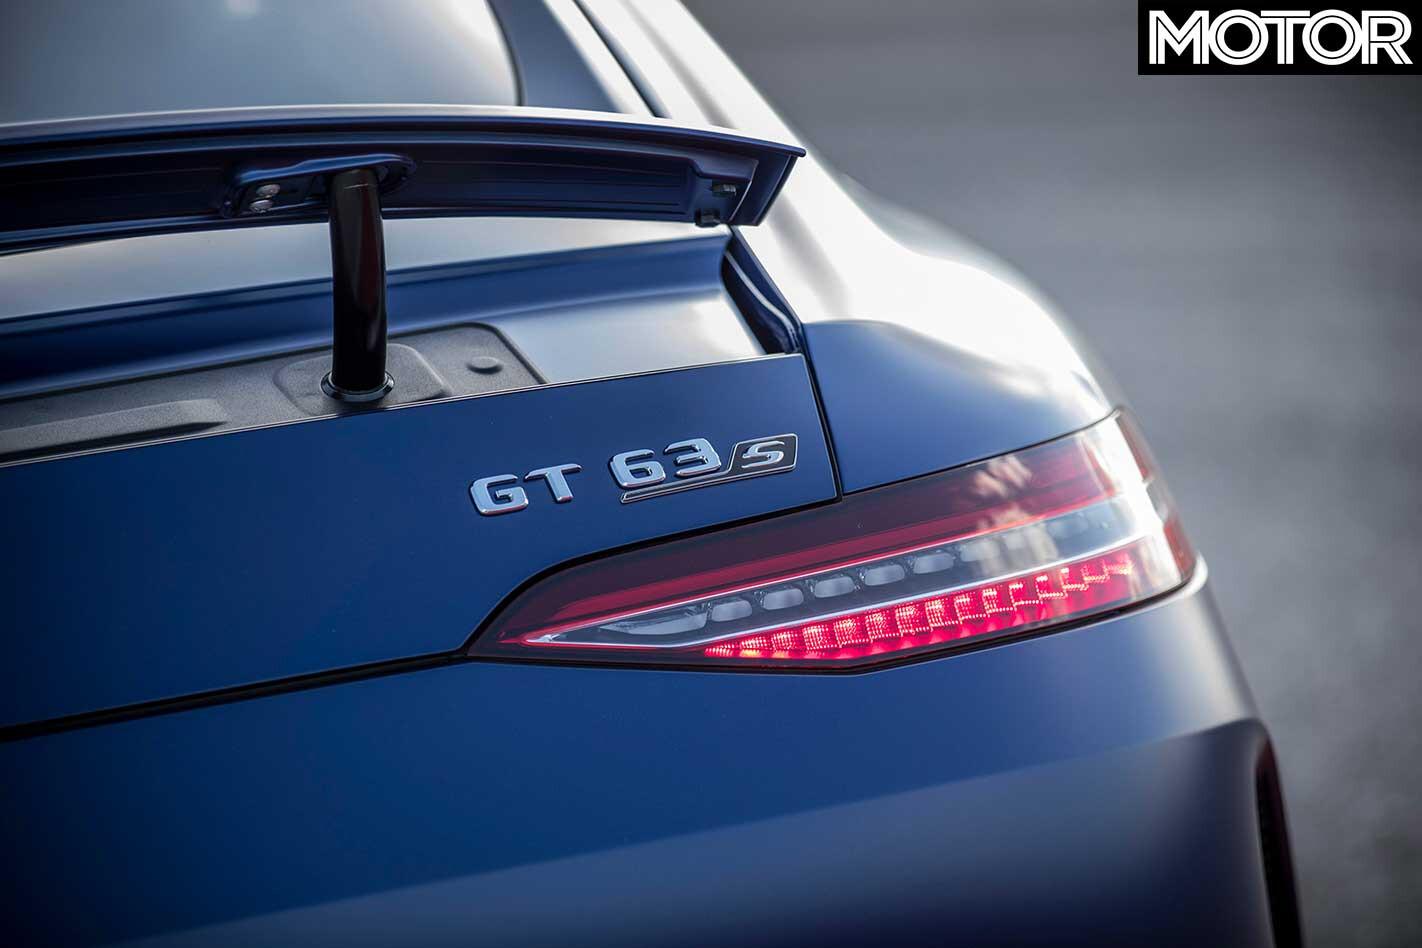 2019 Mercedes AMG GT 63 S 4 Door Rear Badge Jpg